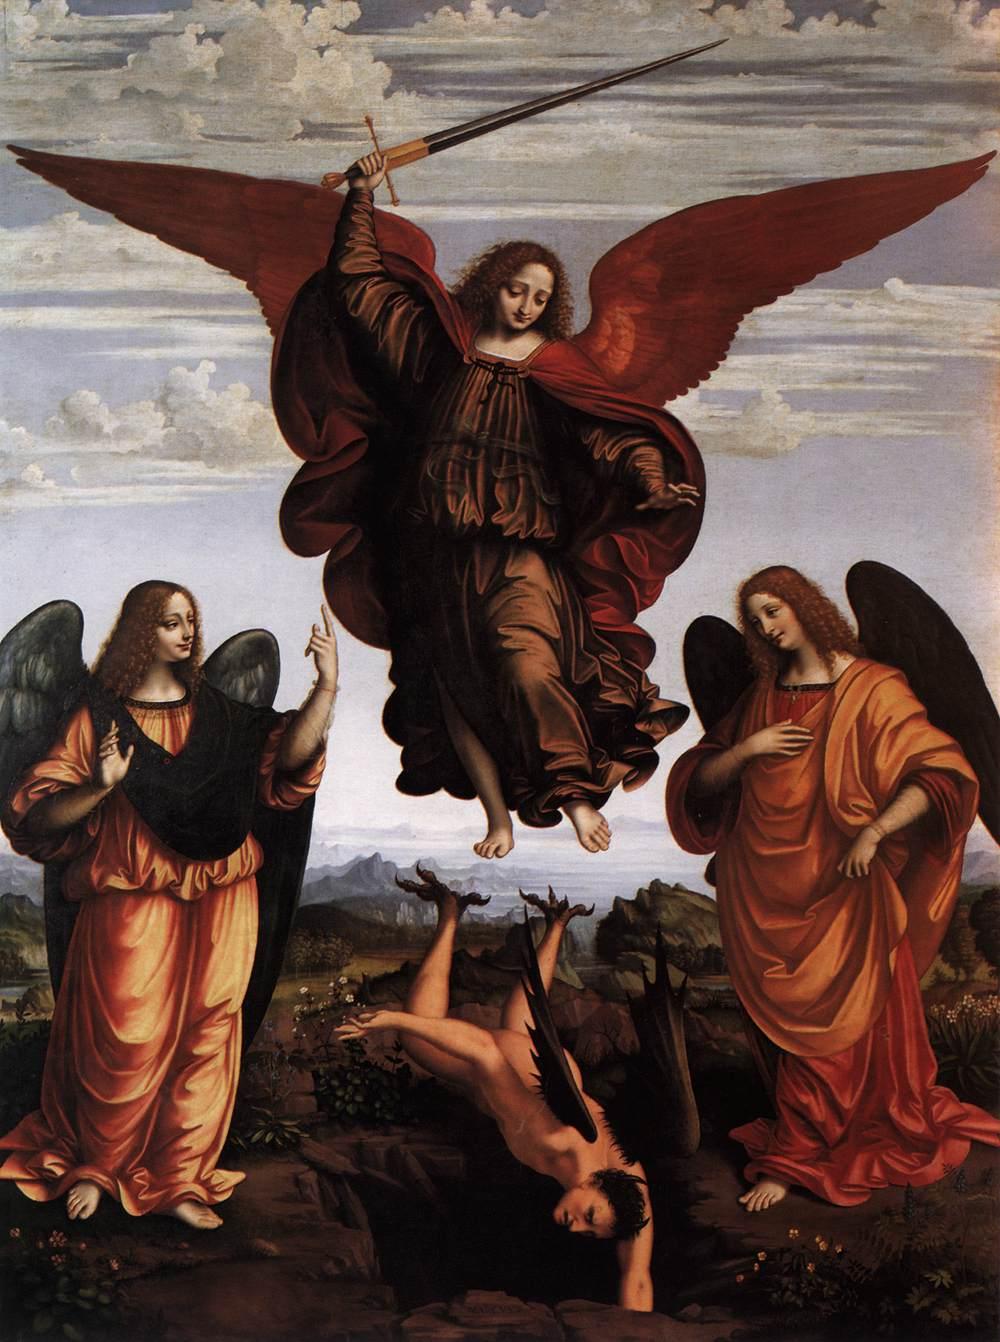 Saints Michael, Gabriel & Raphael, archangels